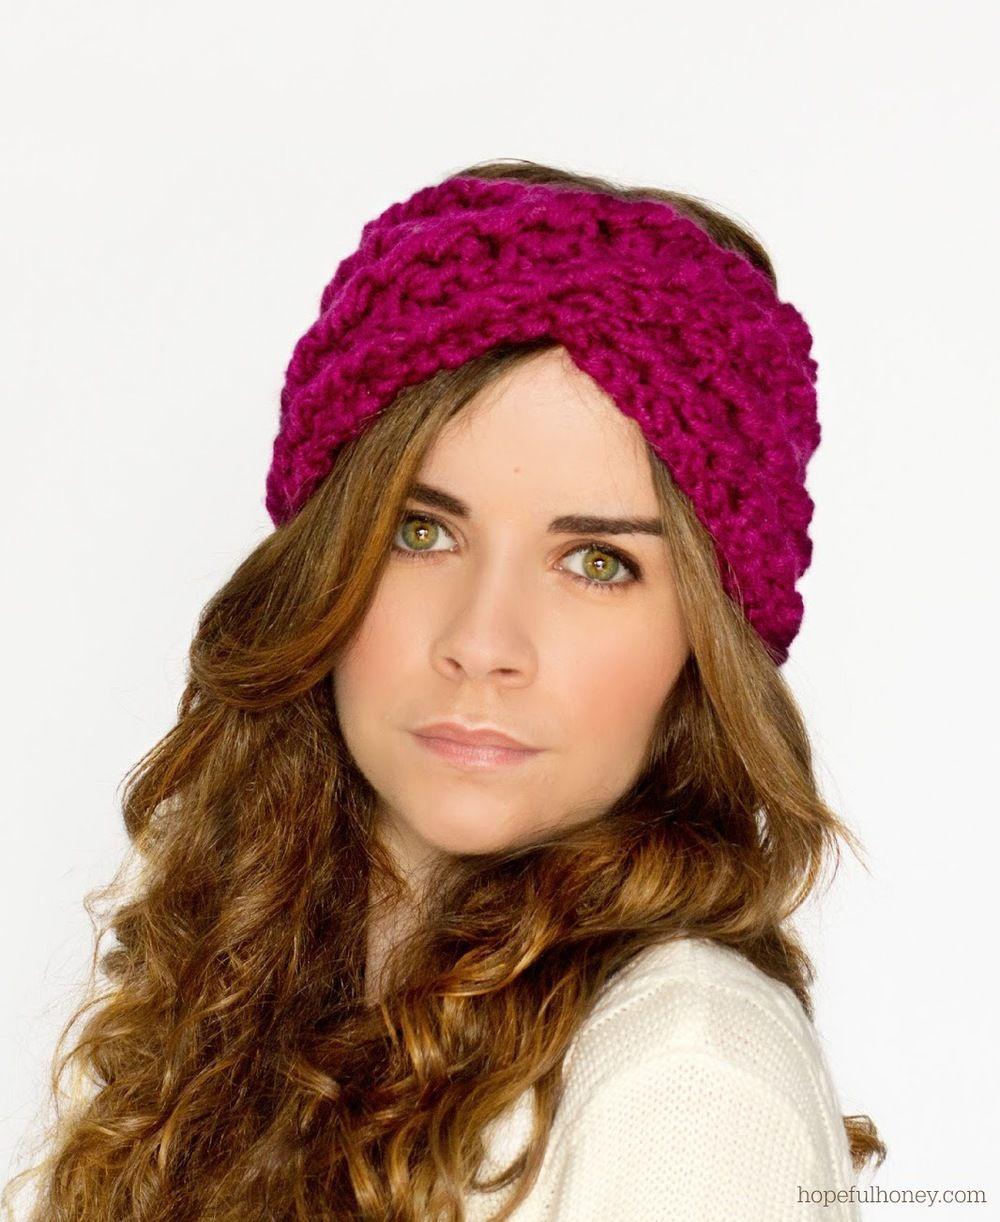 A Twist of Fate Headband   Tejido gancho, Accesorios para el cabello ...